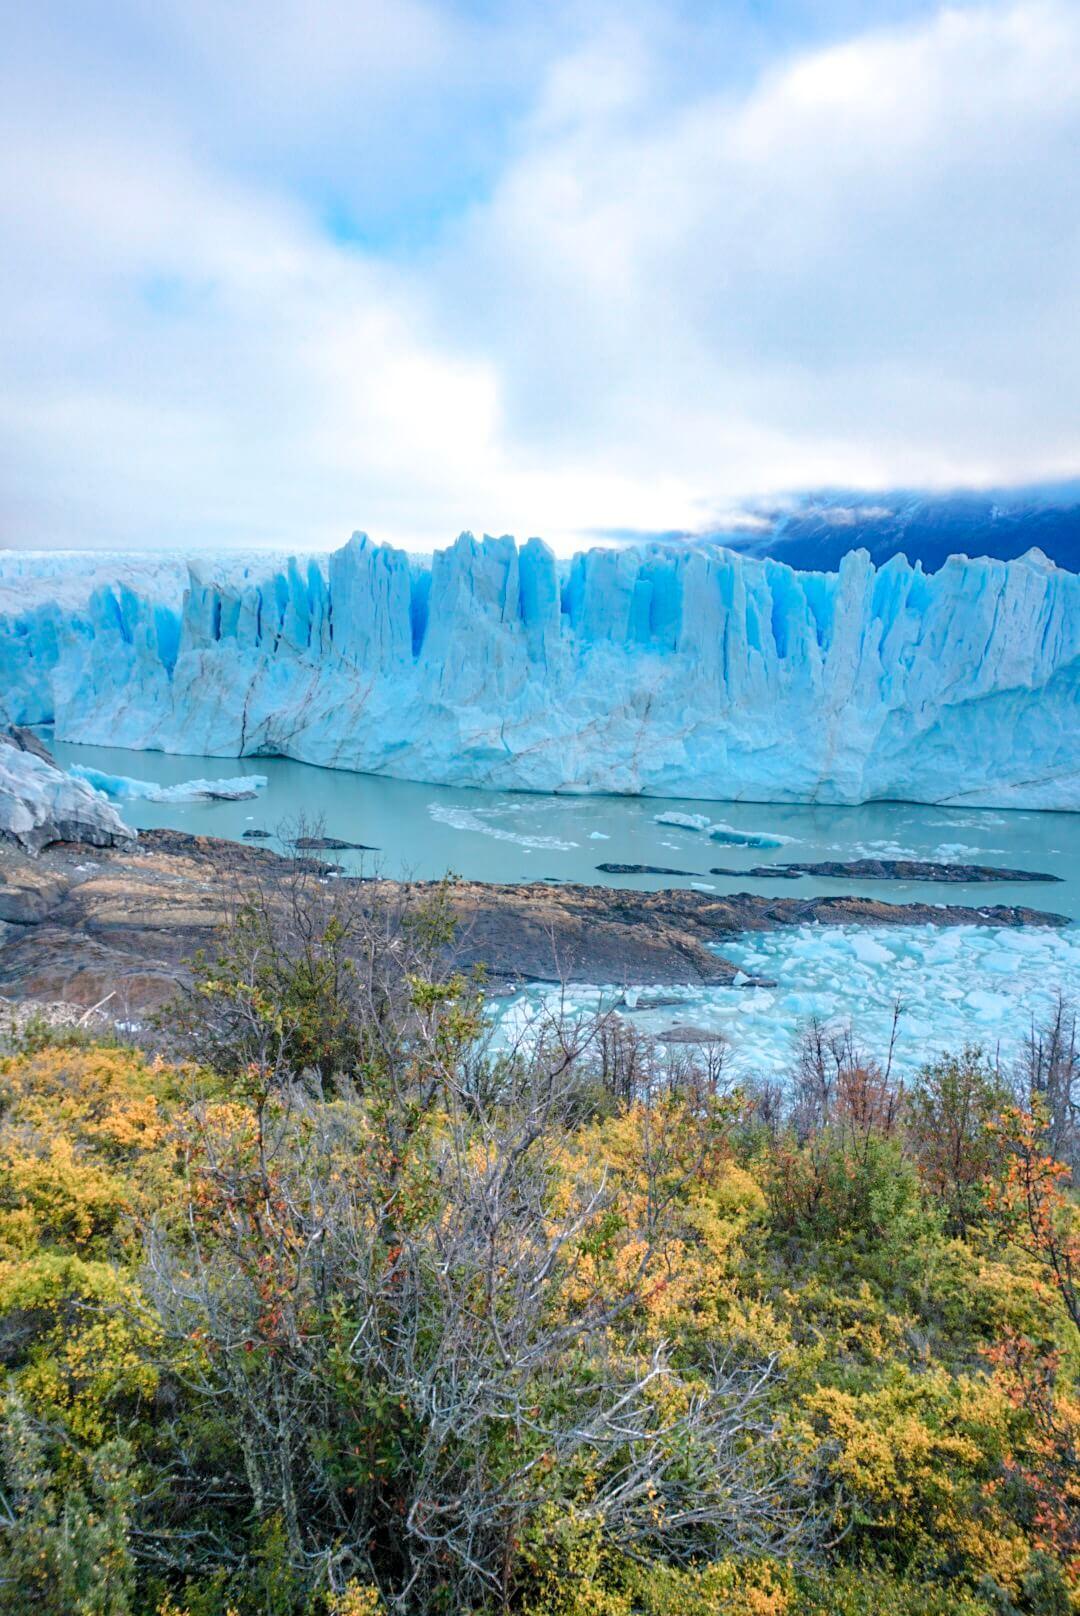 périto moreno glacier argentine patagonie depuis el calafate